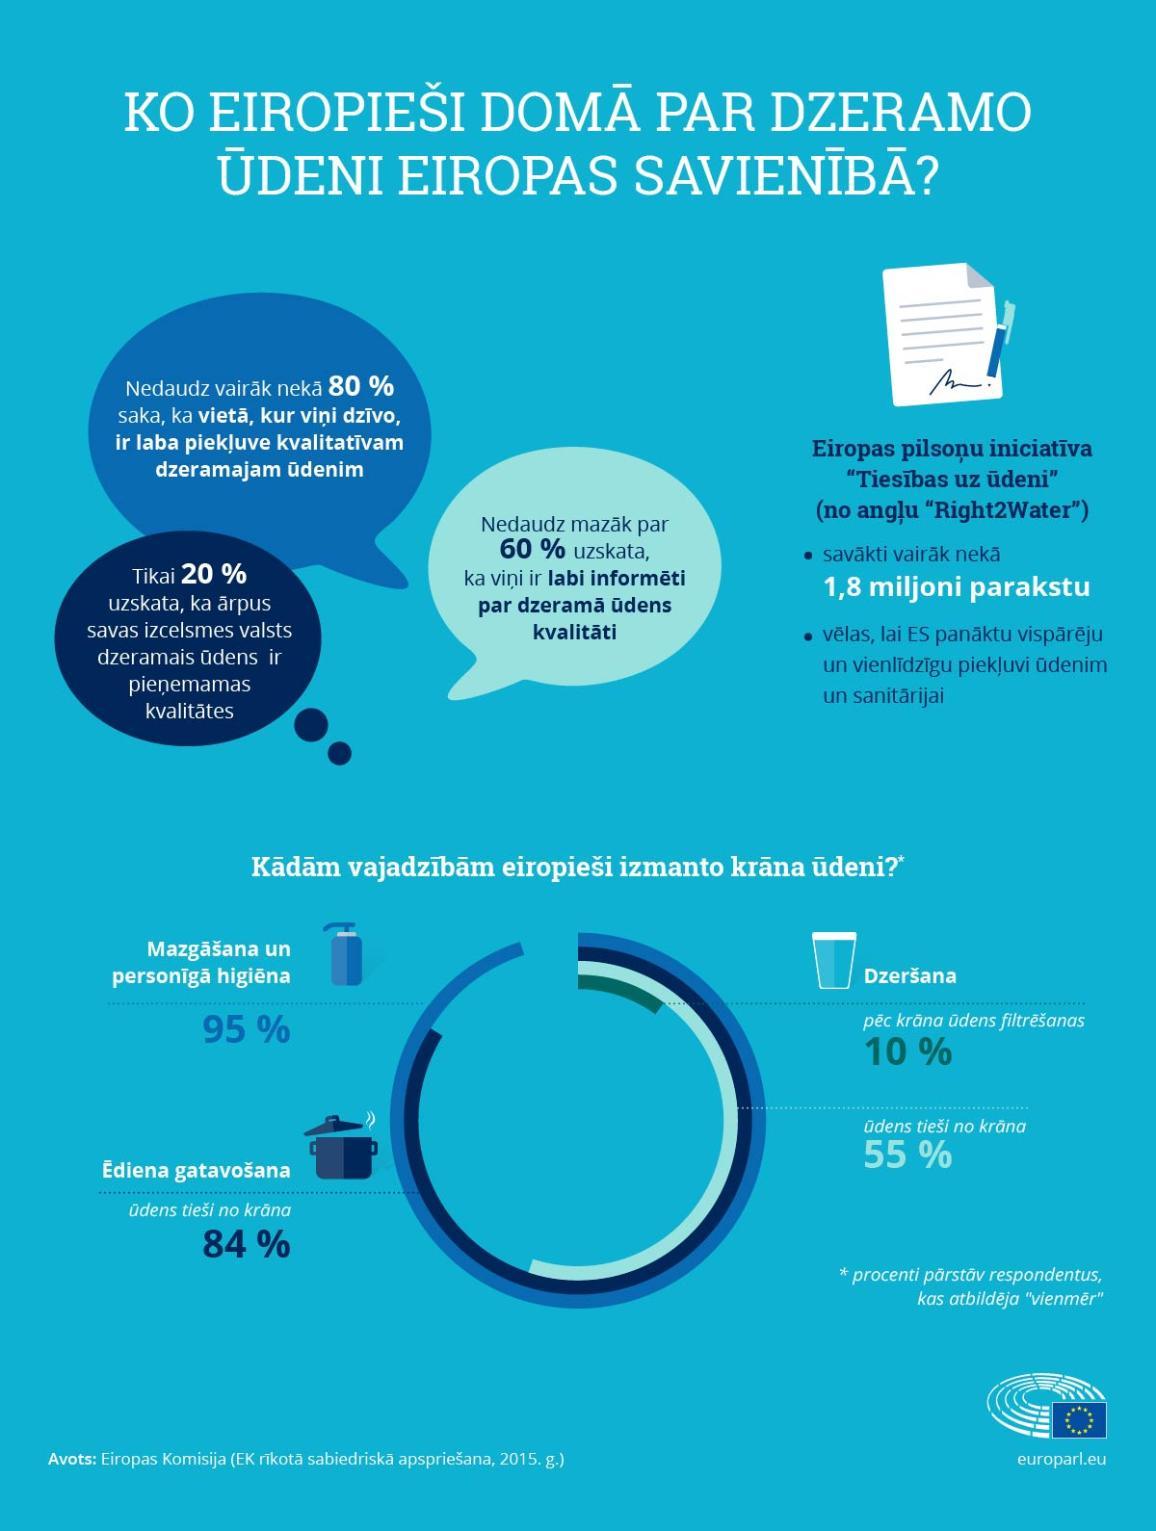 Infografika 3: Ko Eiropieši domā par dzeramo ūdeni ES?